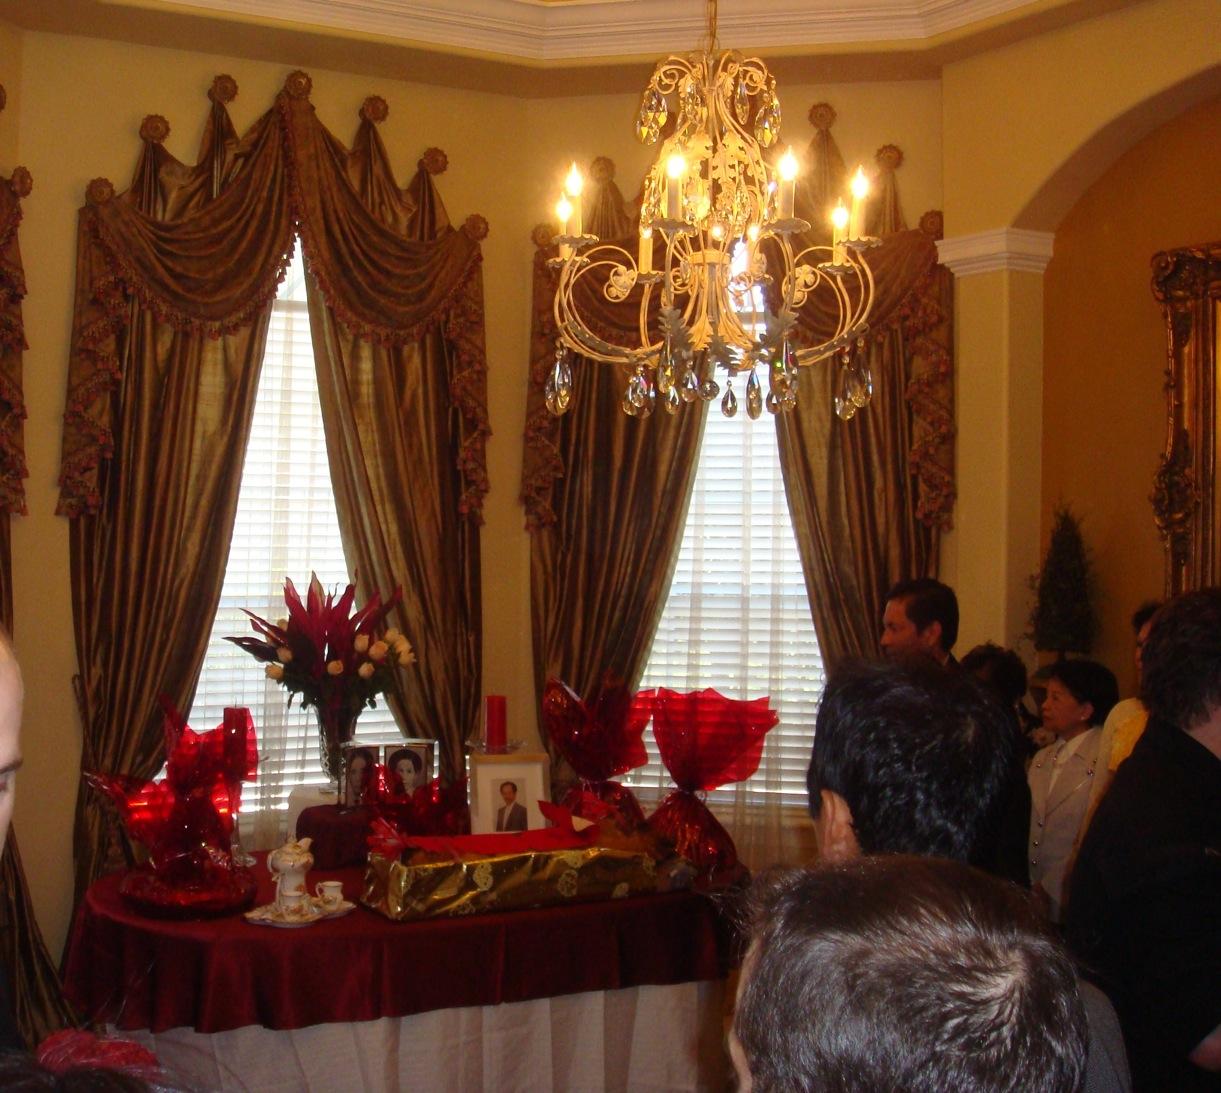 Vietnamese Wedding Altar: Coco, Manolo, And McDo